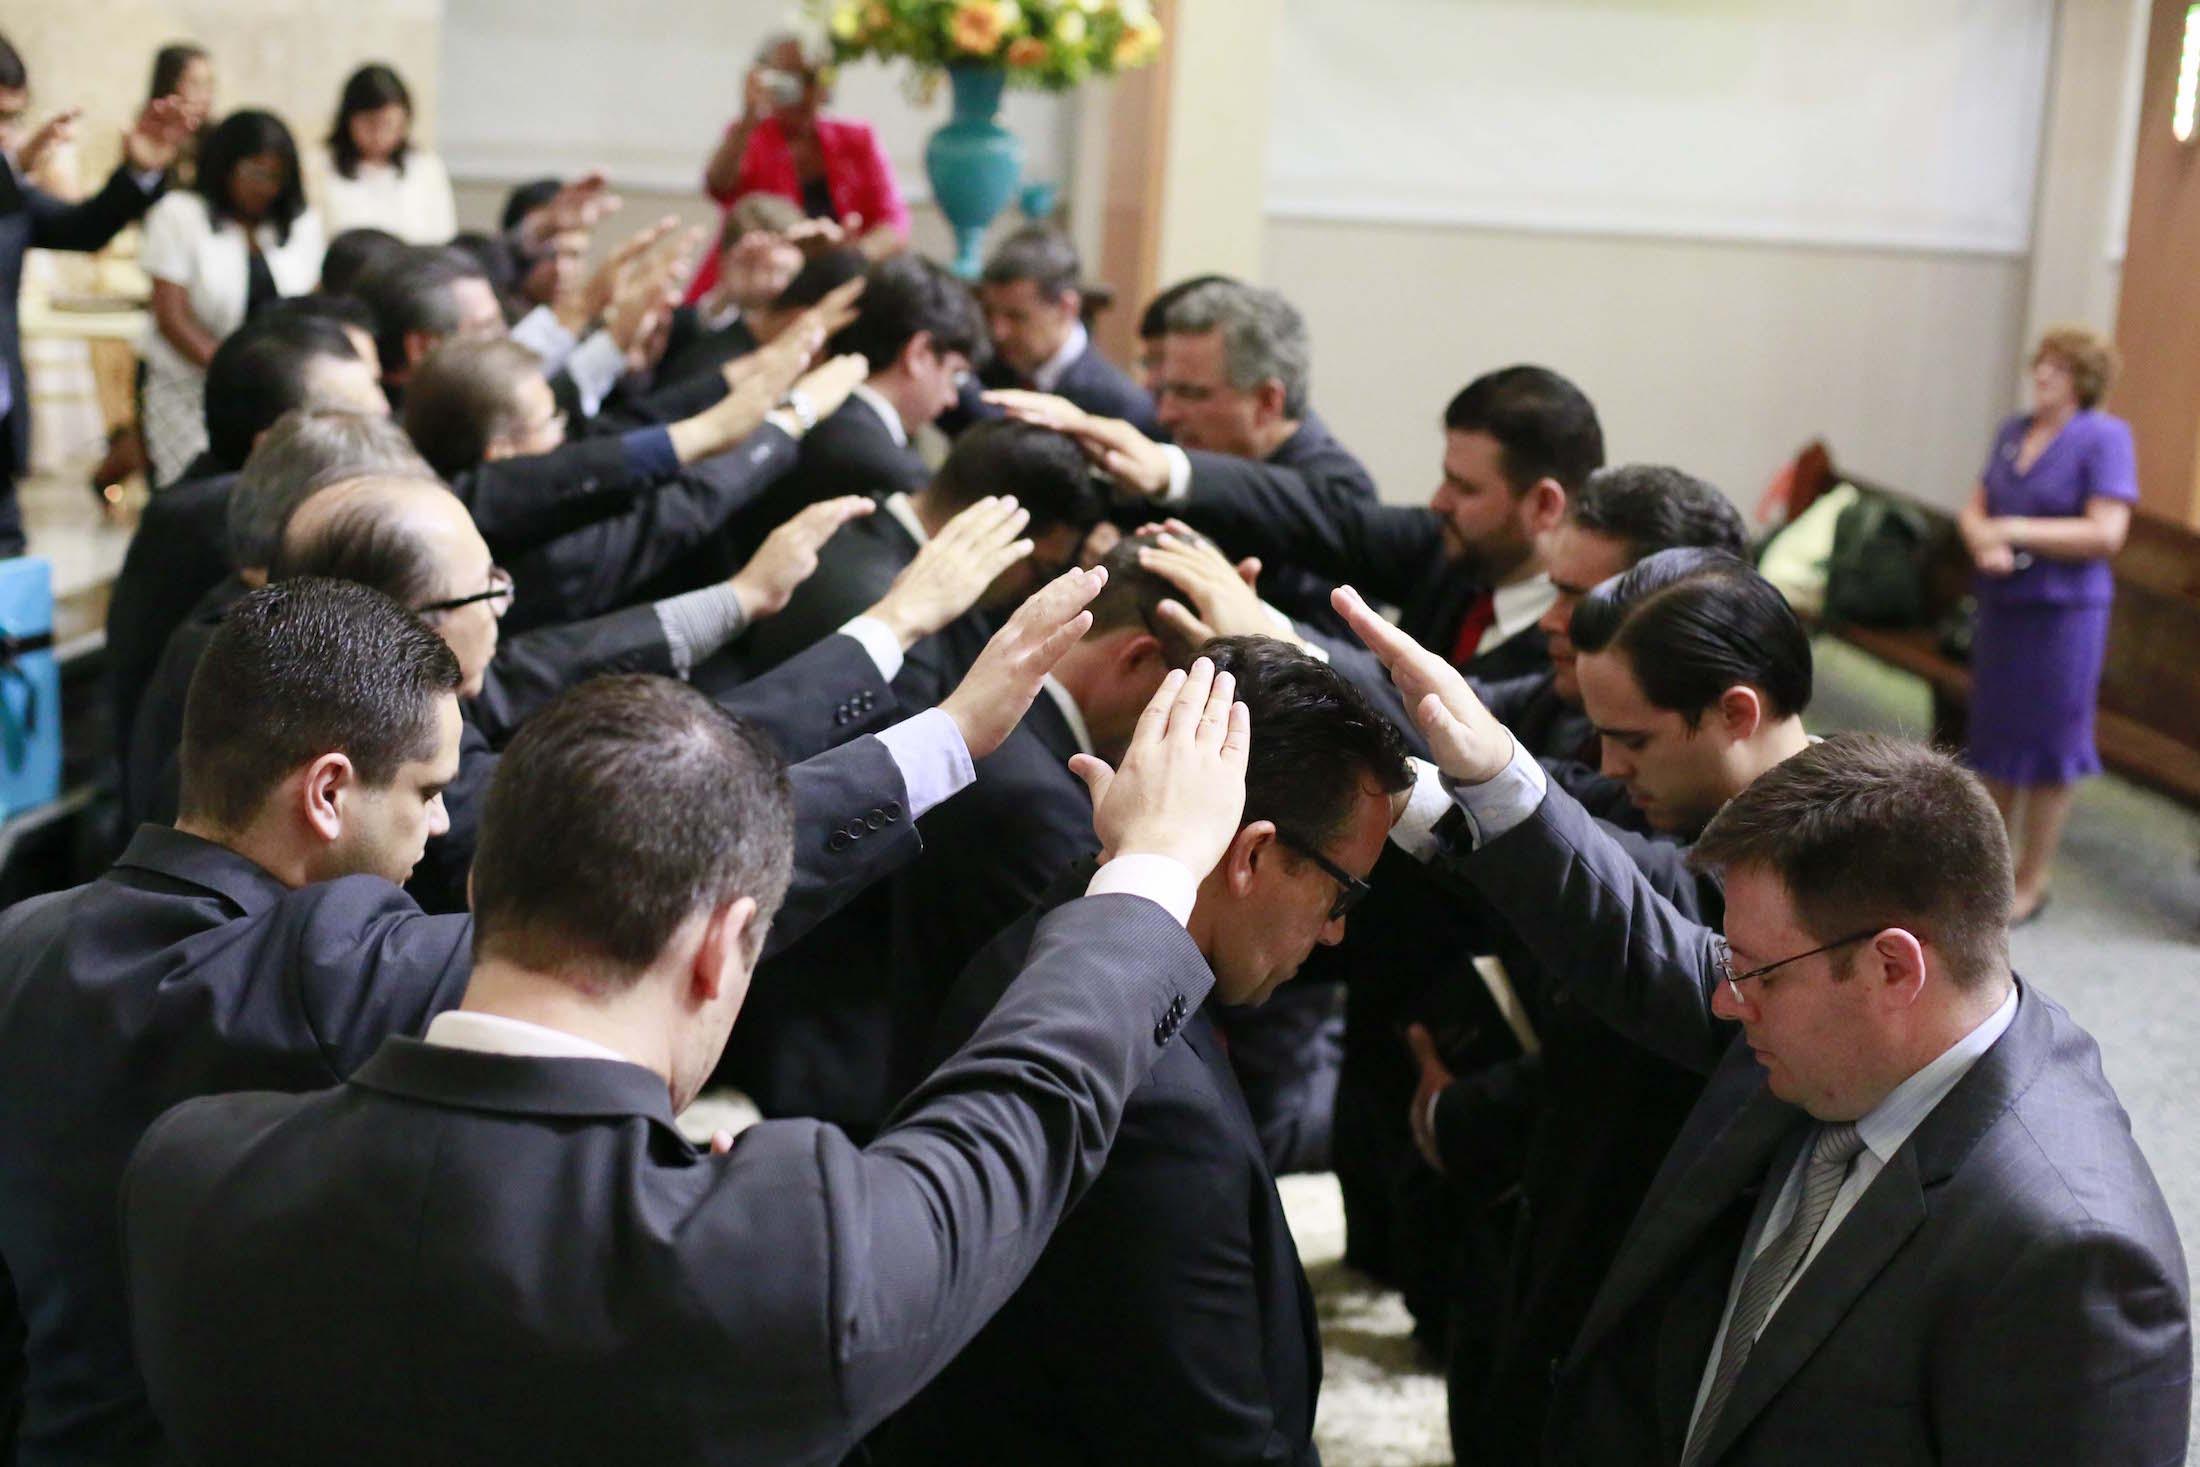 Ordenação: momento em que o teólogo se torna efetivamente um pastor adventista. Desafios para formação são discutidos esse ano.